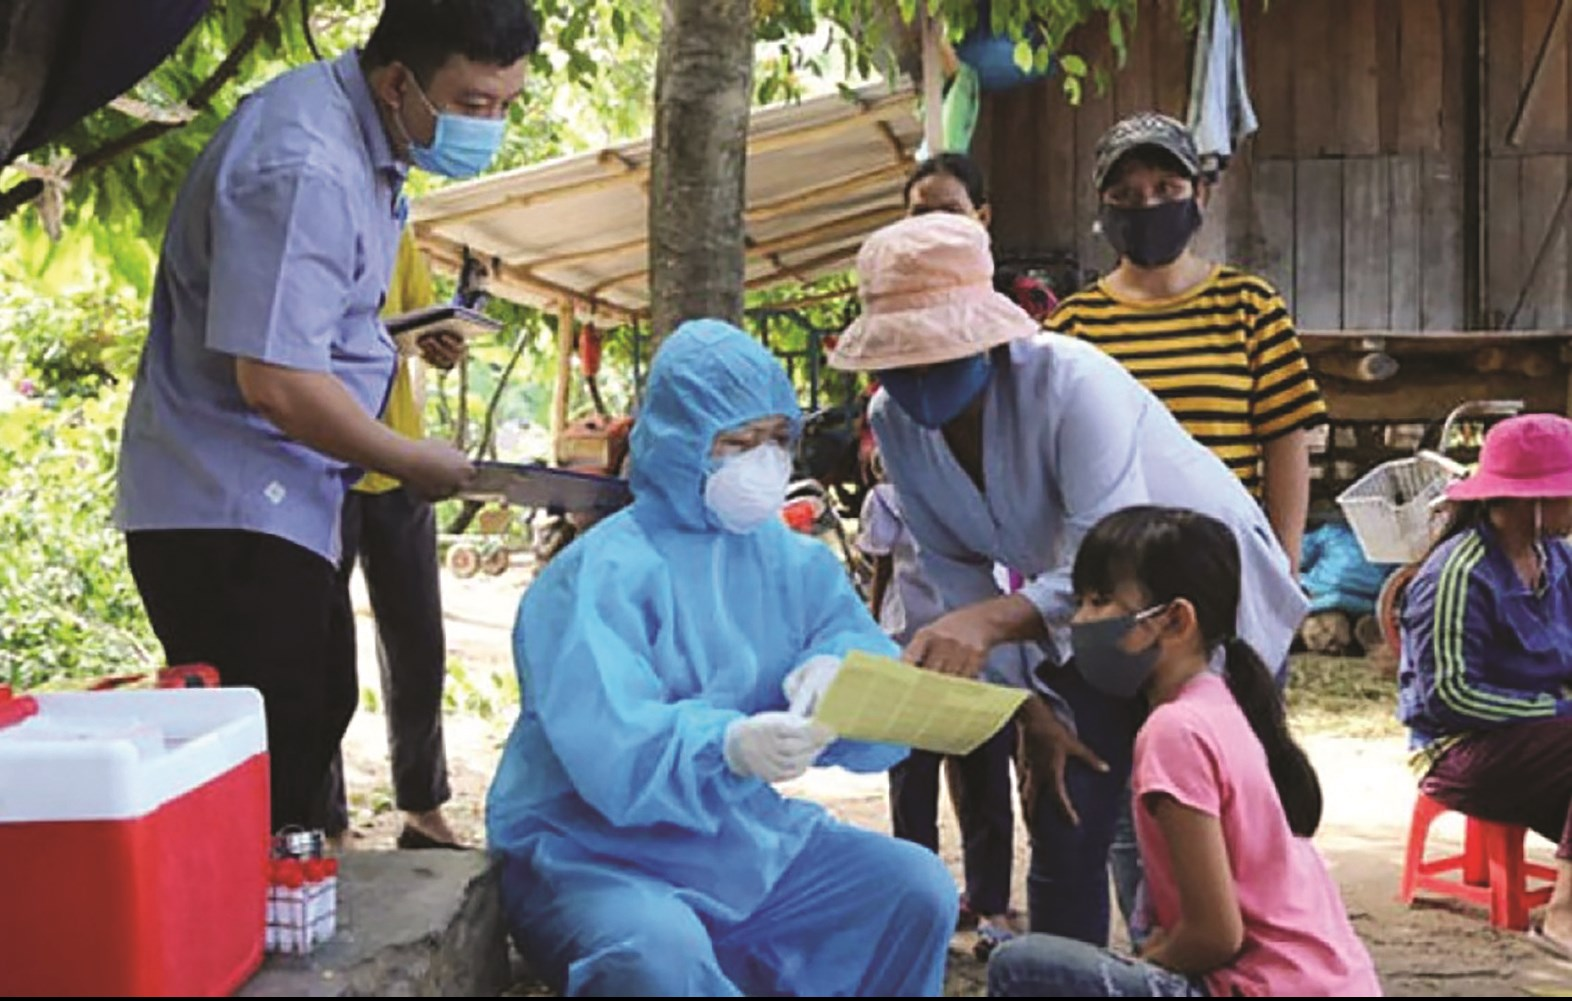 Ngành Y tế Phú Yên tổ chức tiêm văc xin và tuyên truyền phòng, chống bệnh bạch hầu tại các xã vùng sâu, vùng xa